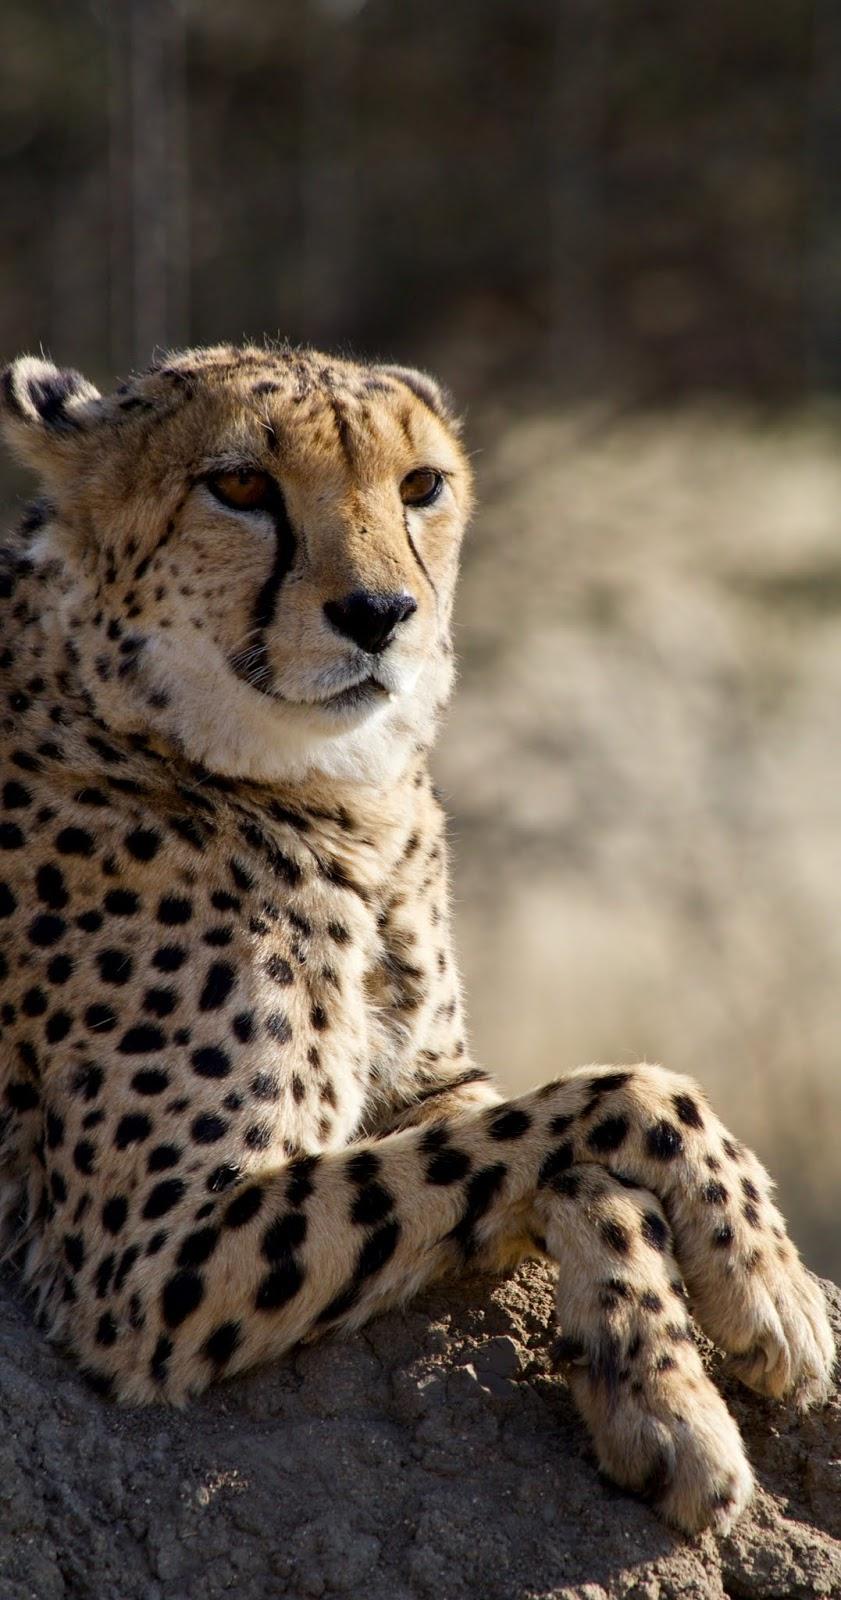 Cheetah resting.